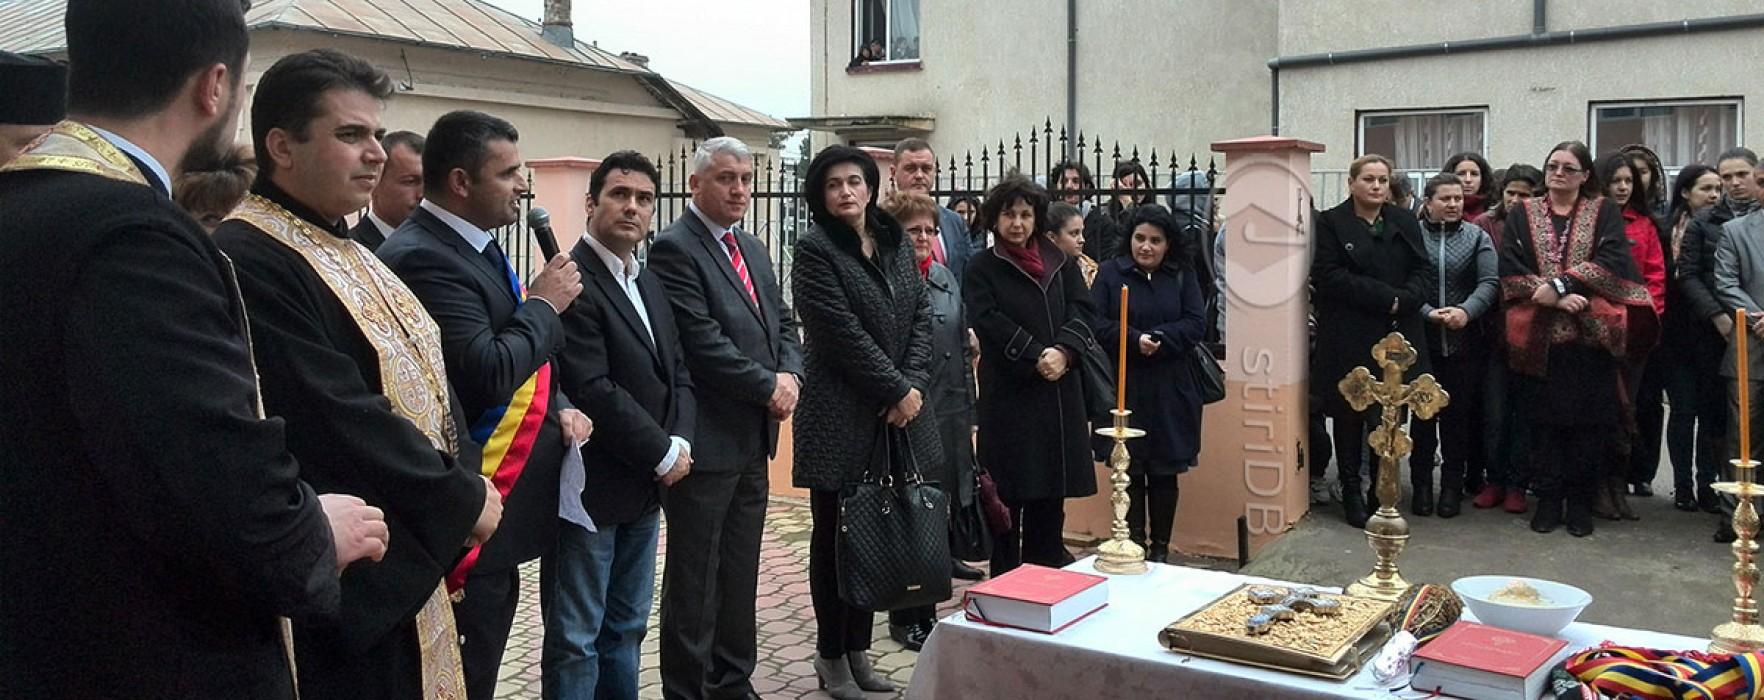 Grădiniţa din Băleni, inaugurată în prezenţa ministrului Educaţiei